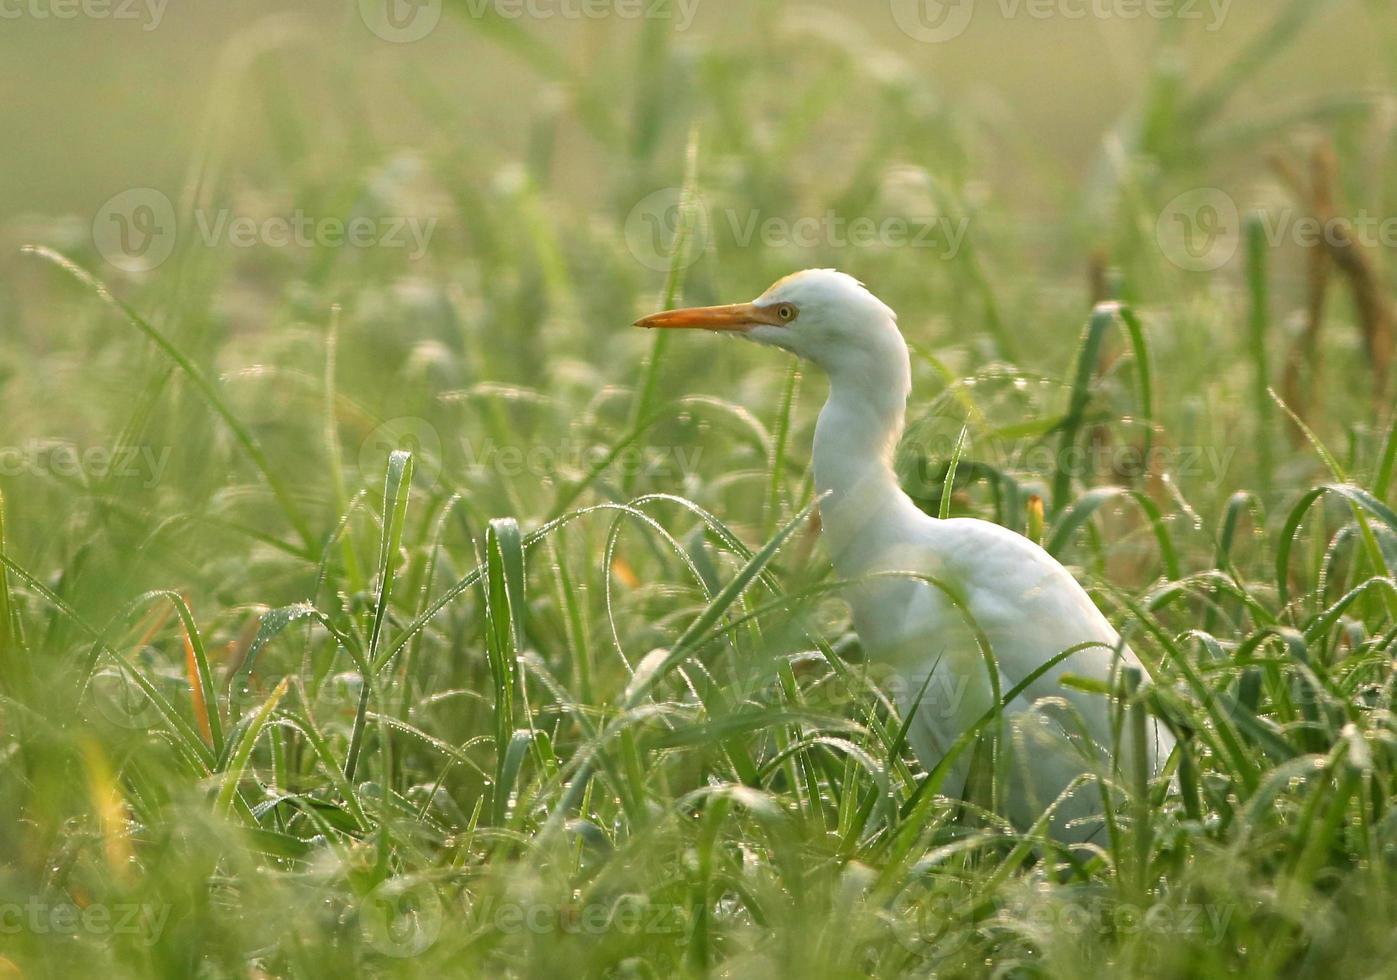 White heron photo